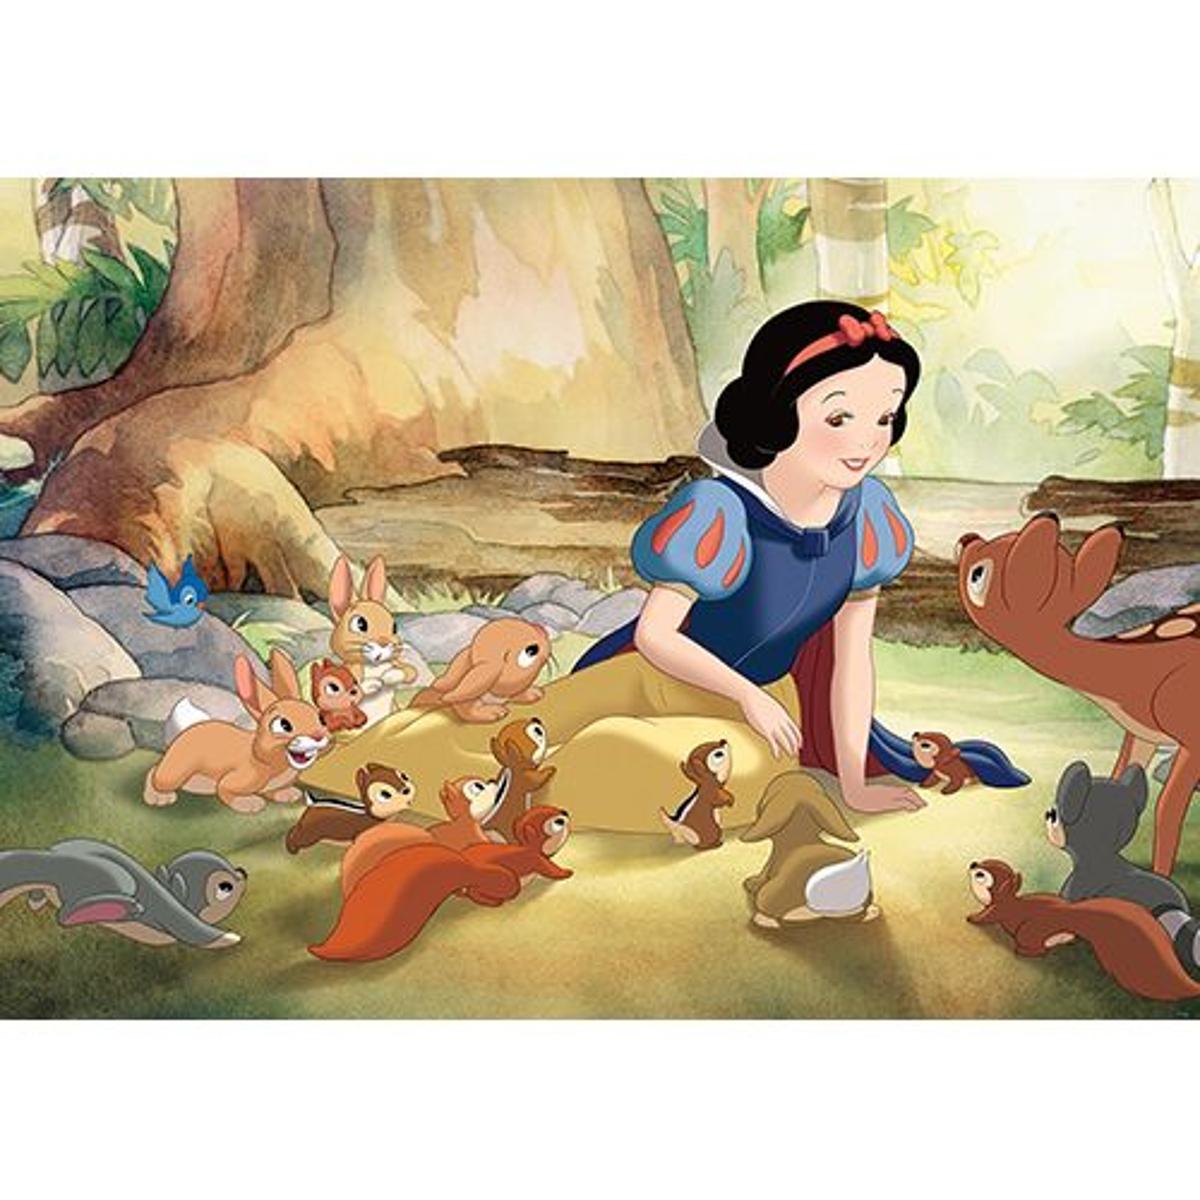 papier peint Disney Blanche neige- 104 x 70.5 cm